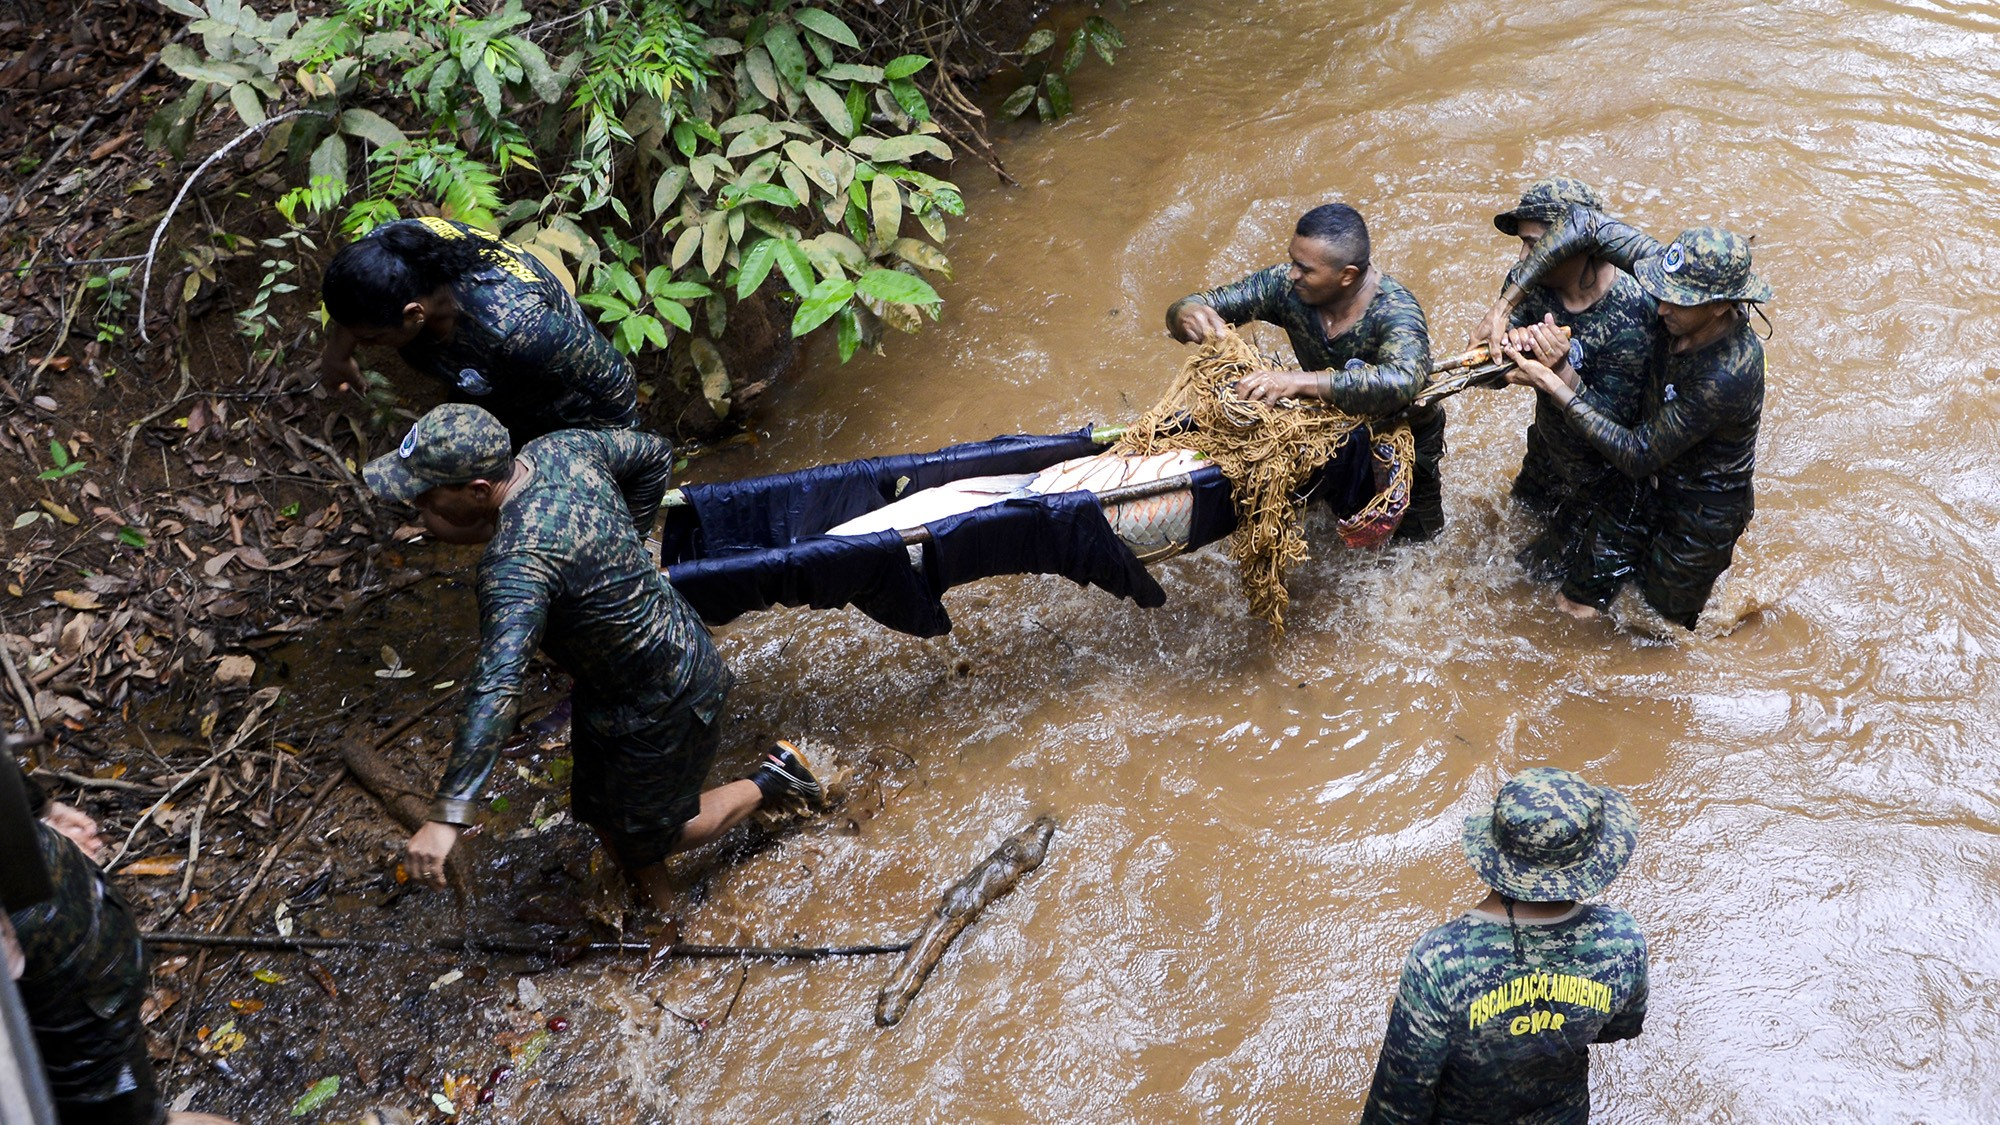 Pirarucu com 80 kg é resgatado de córrego e solto na represa do Parque Cesamar - Notícias - Plantão Diário